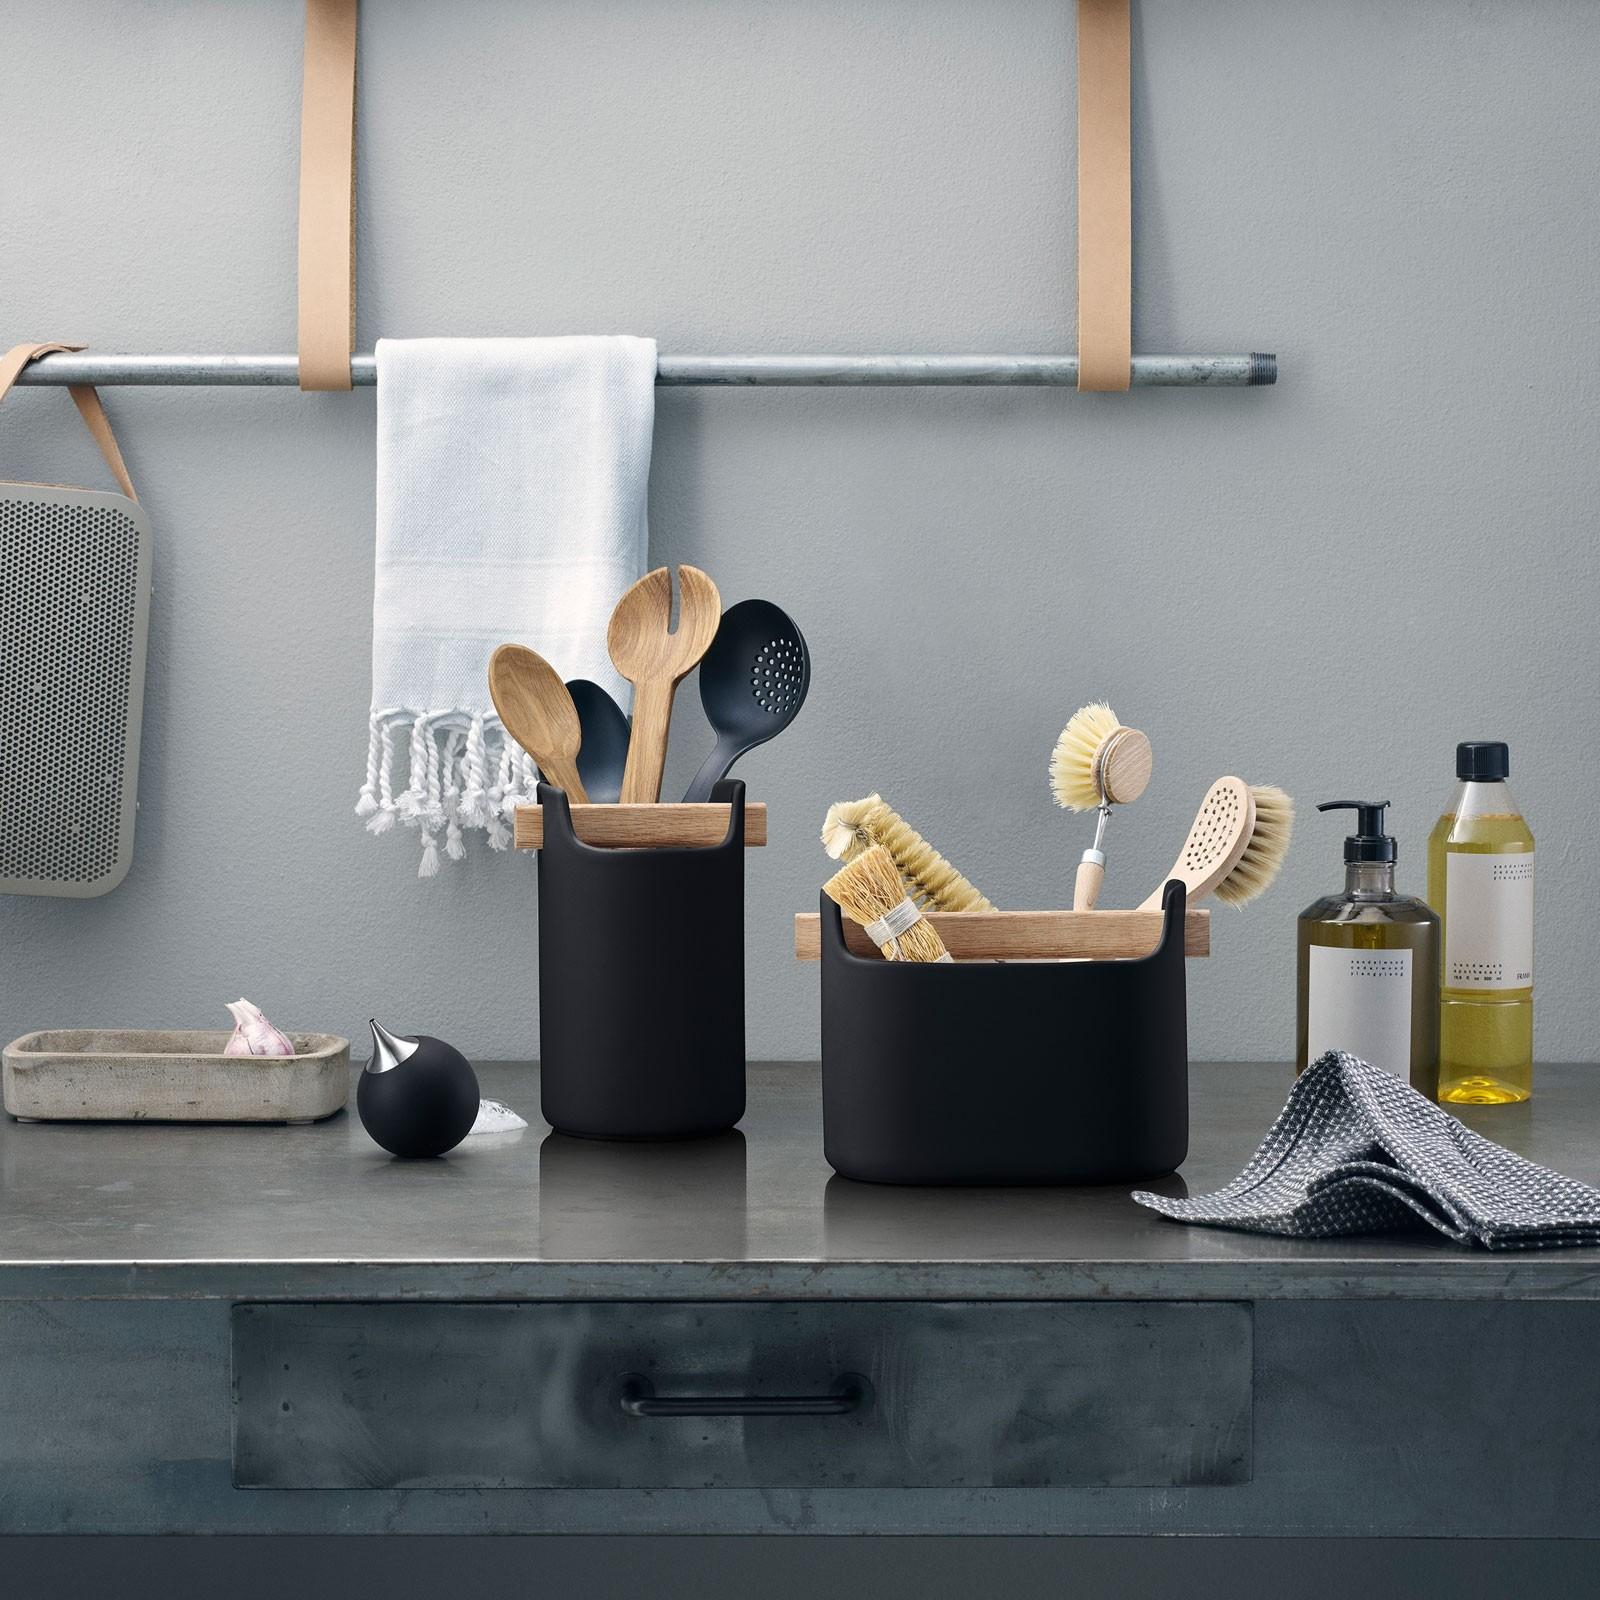 Full Size of Aufbewahrungsbehälter Küche Keramik Aufbewahrungsbehälter Küche Ikea Aufbewahrungsbehälter Küche Glas Aufbewahrungsbehälter Küche Kaufen Küche Aufbewahrungsbehälter Küche